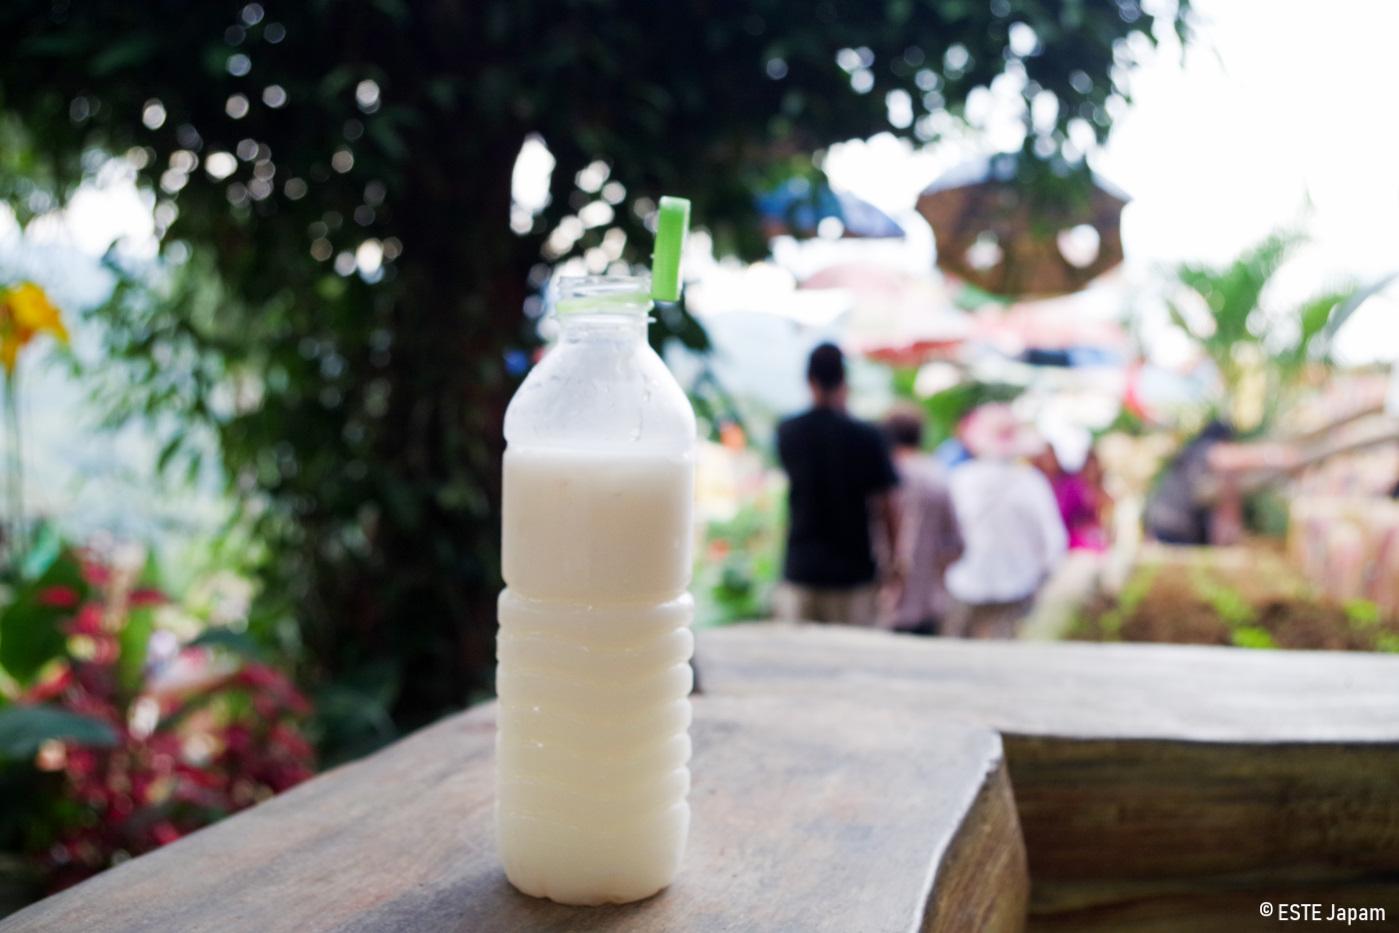 シラオPGCSで売っているココナッツミルク